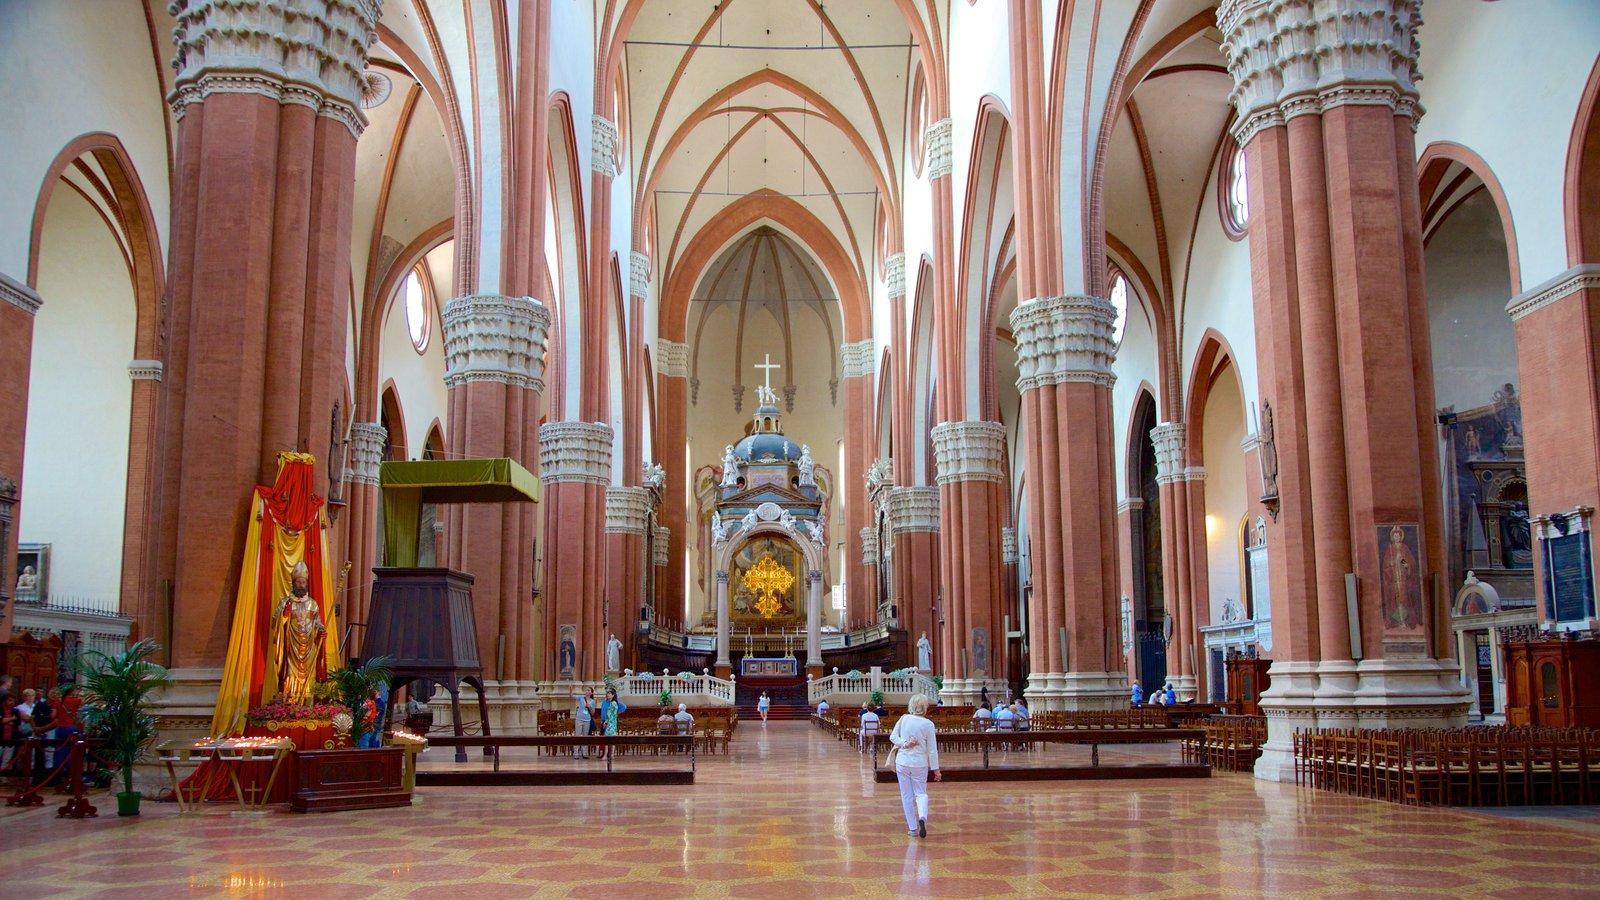 Basilica S. Petronio que inclui arquitetura de patrimônio, uma igreja ou catedral e vistas internas